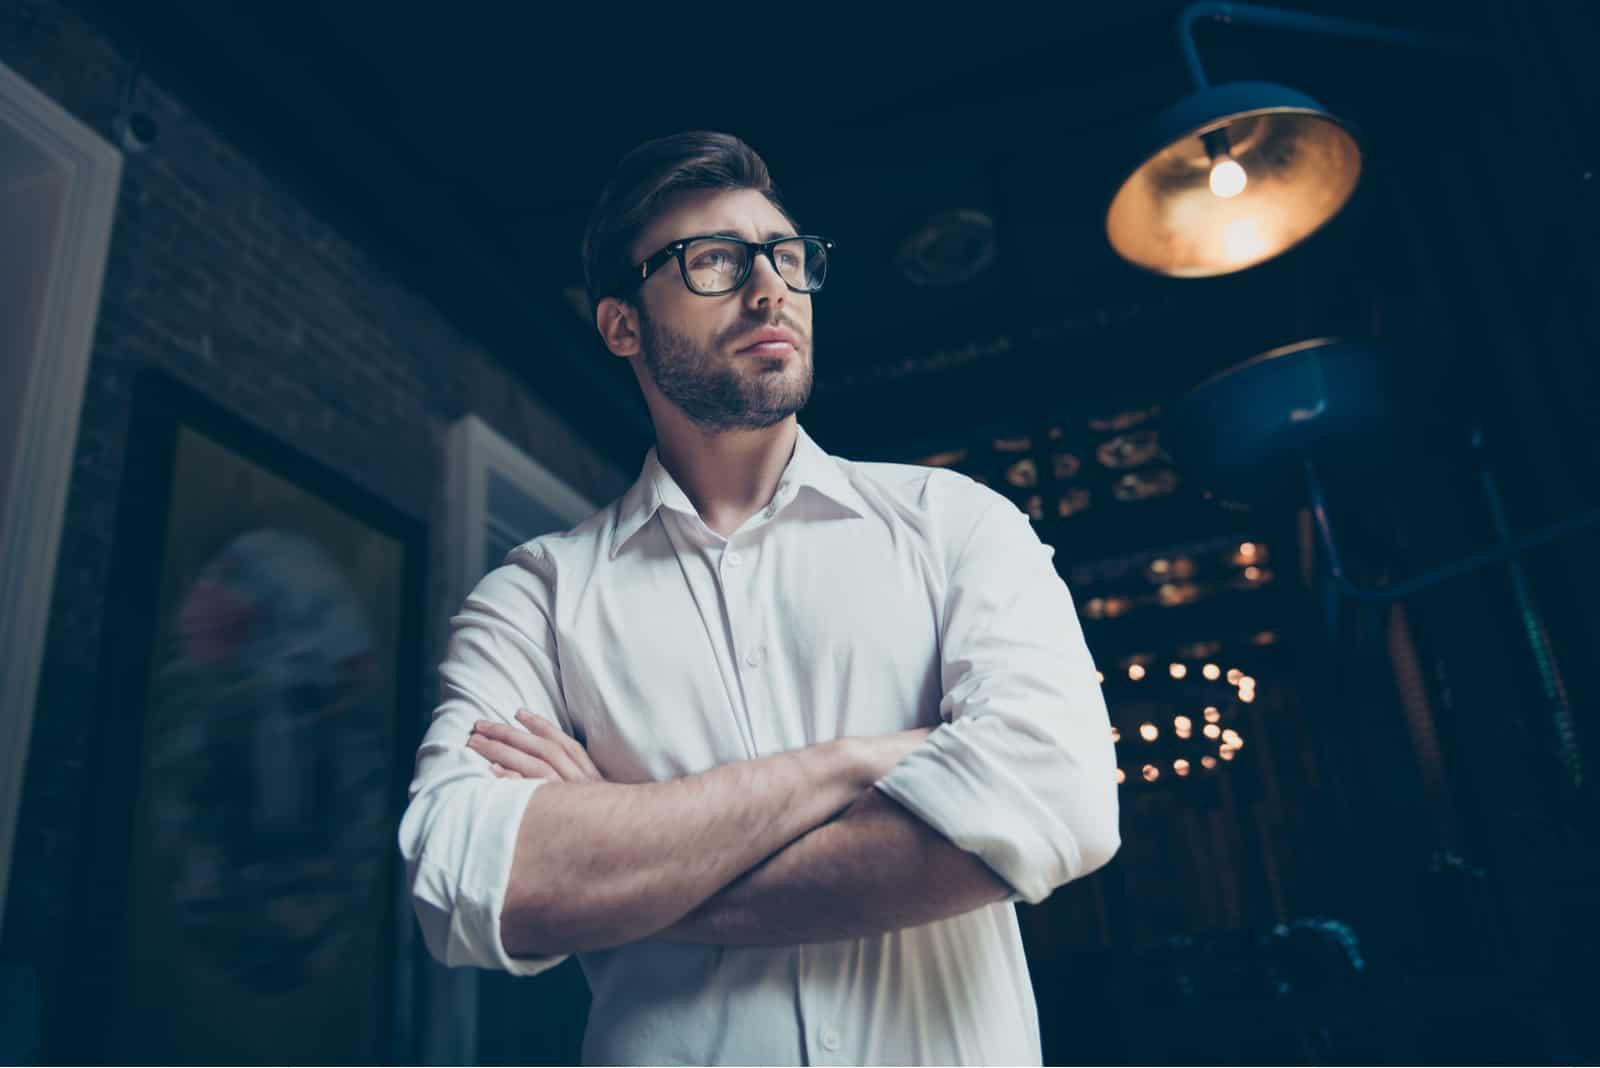 ein Porträt eines entschlossenen Mannes mit Brille in einem weißen Hemd